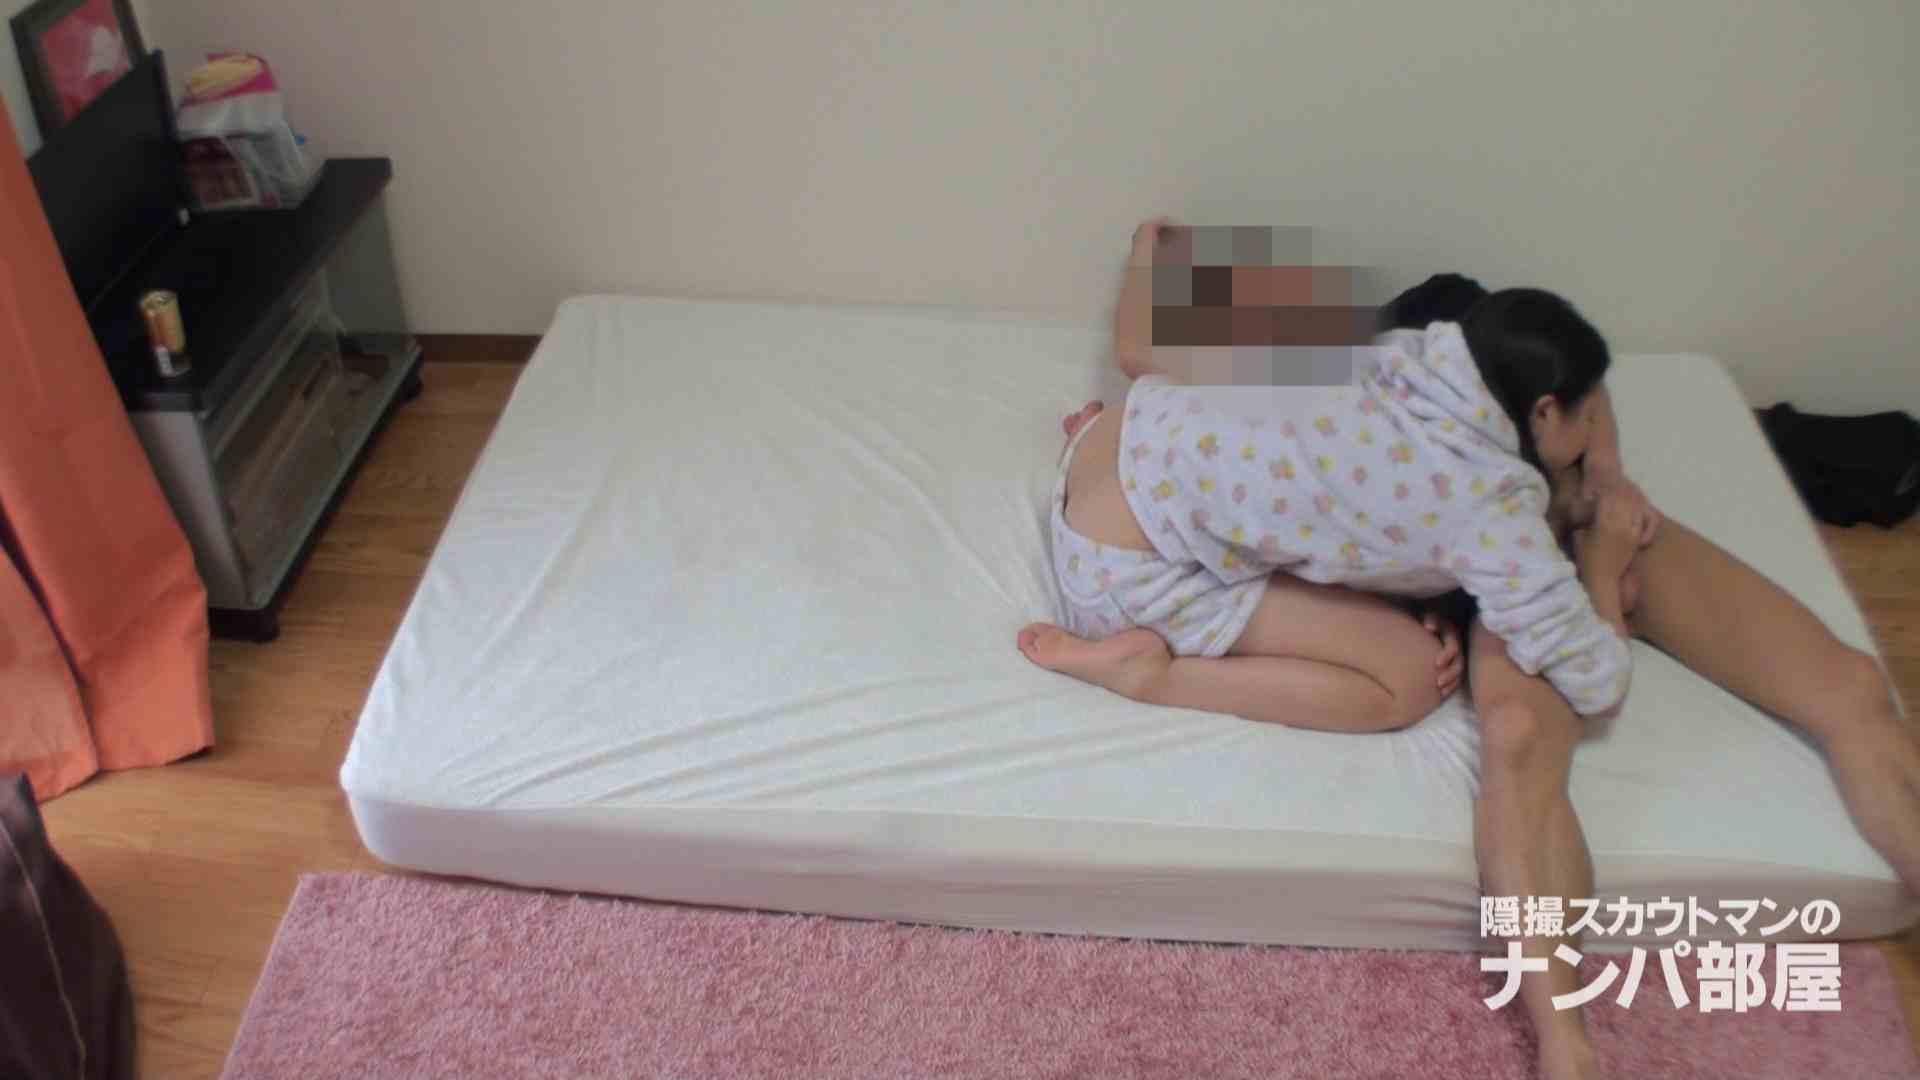 隠撮スカウトマンのナンパ部屋~風俗デビュー前のつまみ食い~hanavol.3 ギャル達のSEX   隠撮  95画像 75